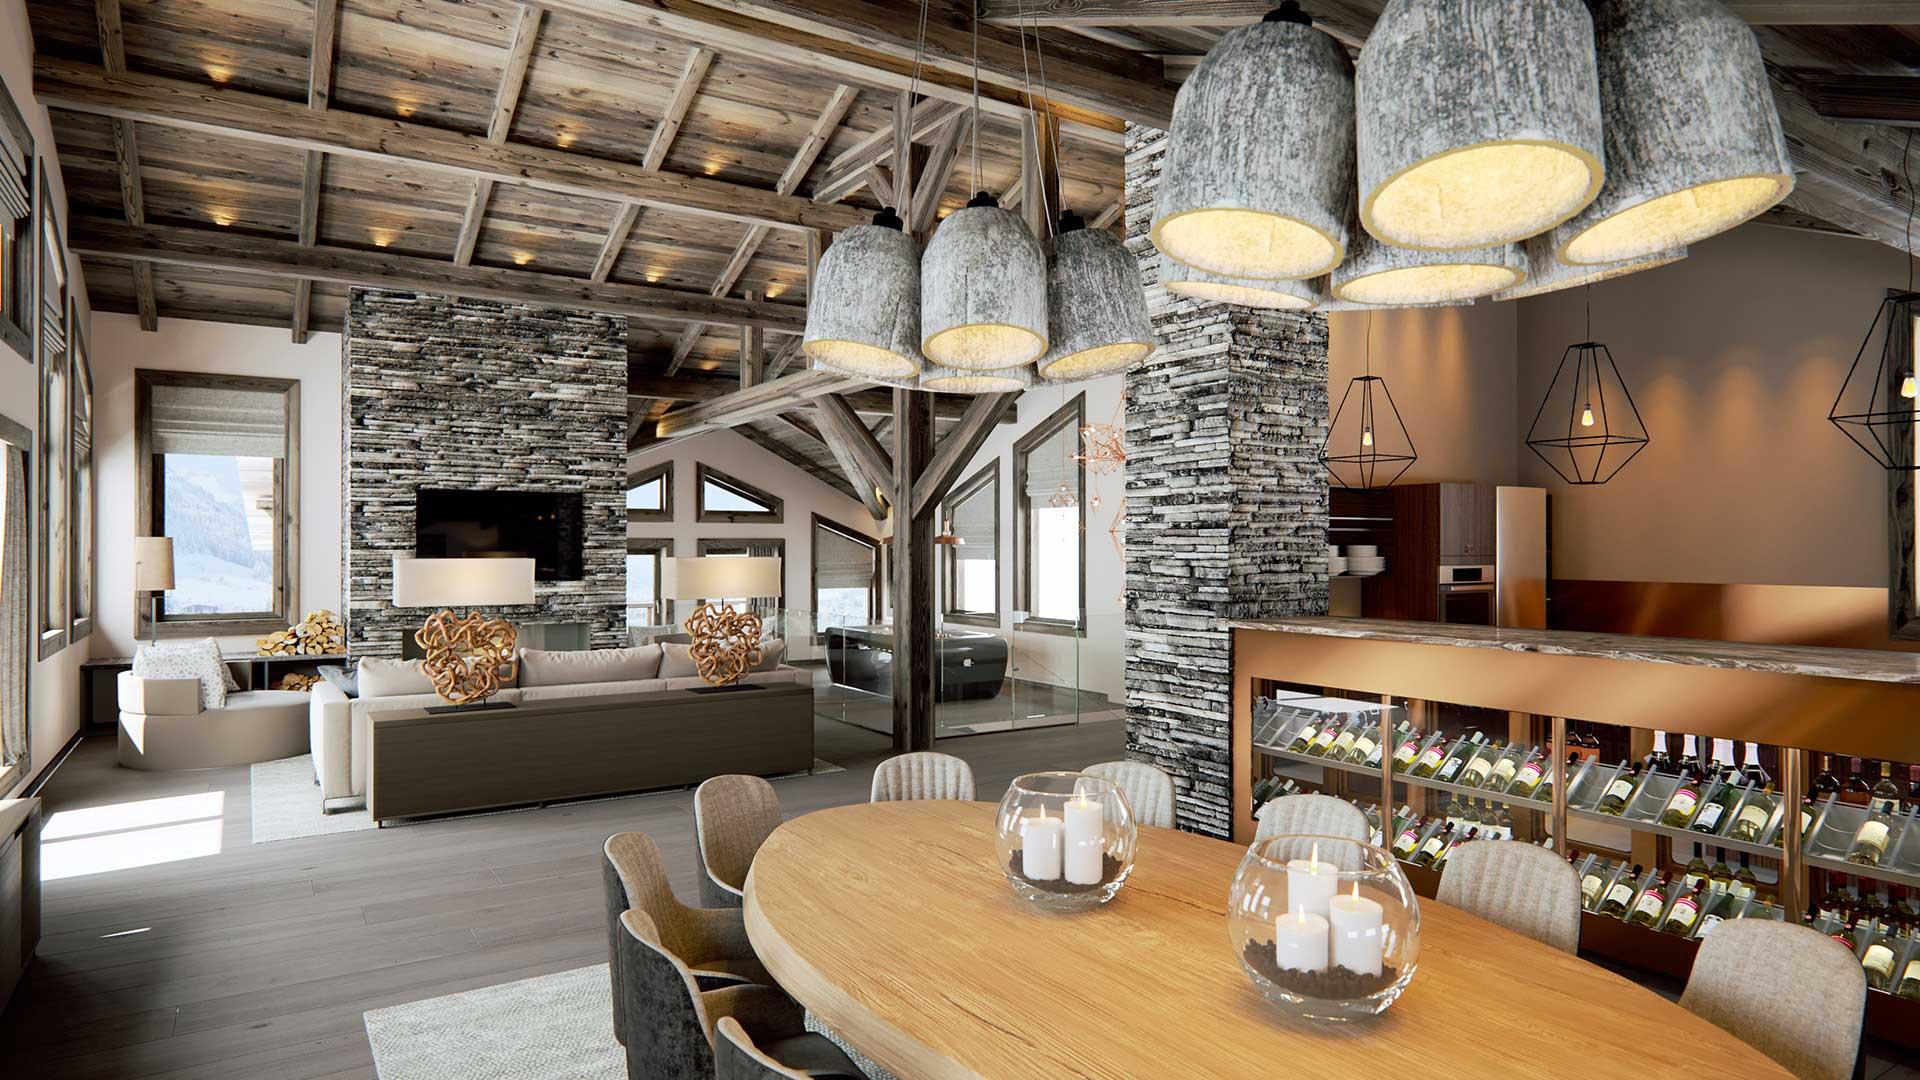 Salle de repas de luxe d'un chalet à la montagne en image de synthèse 3D d'architecte